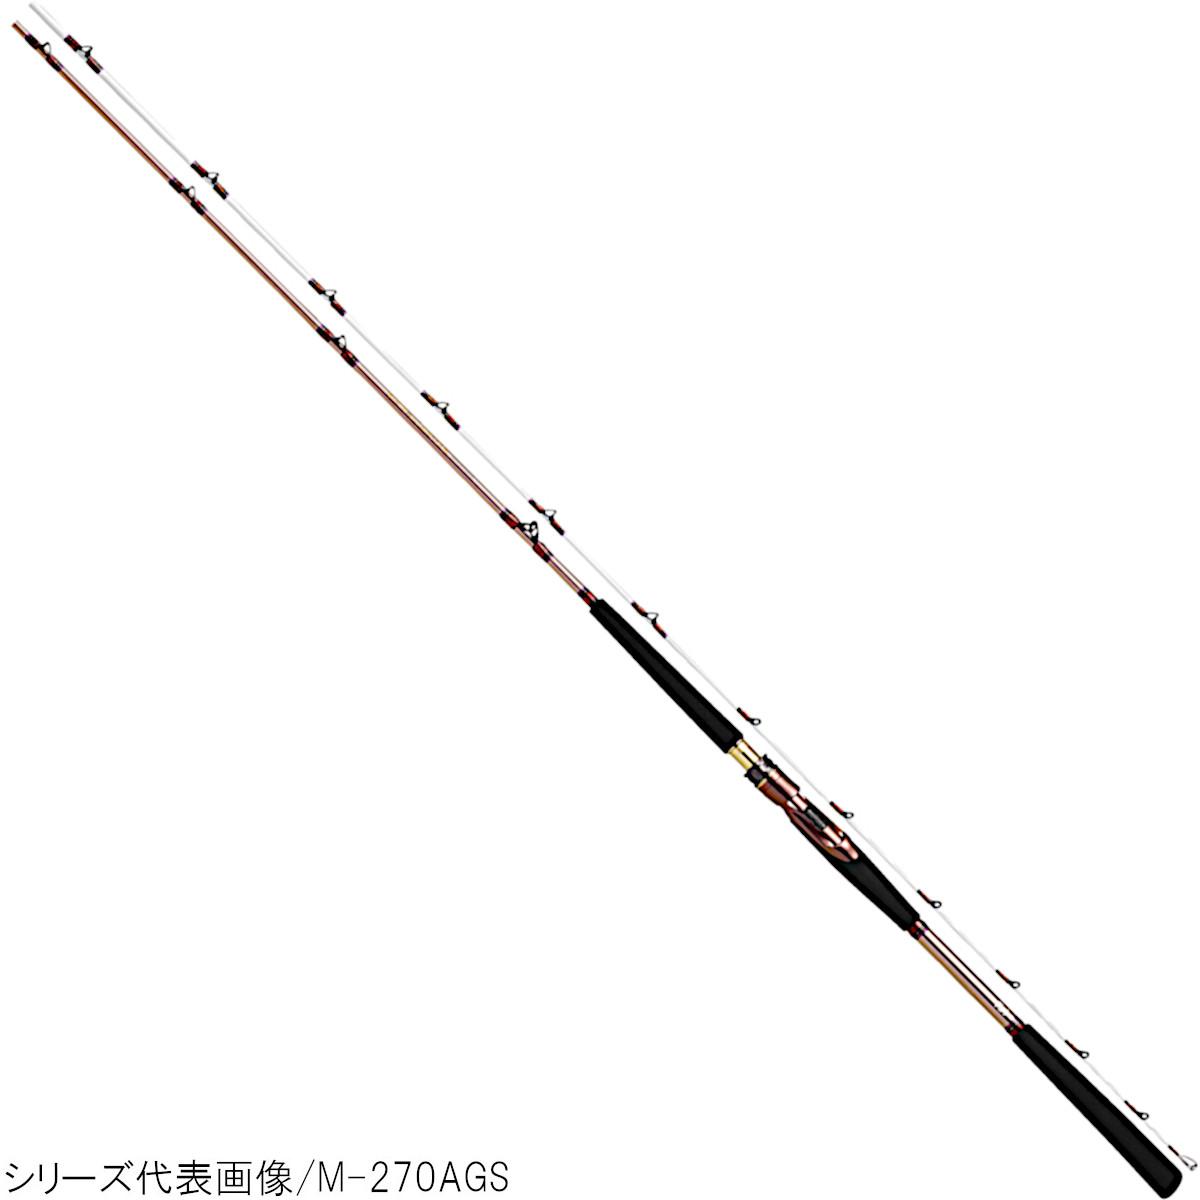 ダイワ リーオマスター真鯛AIR S-300AGS【大型商品】(東日本店)